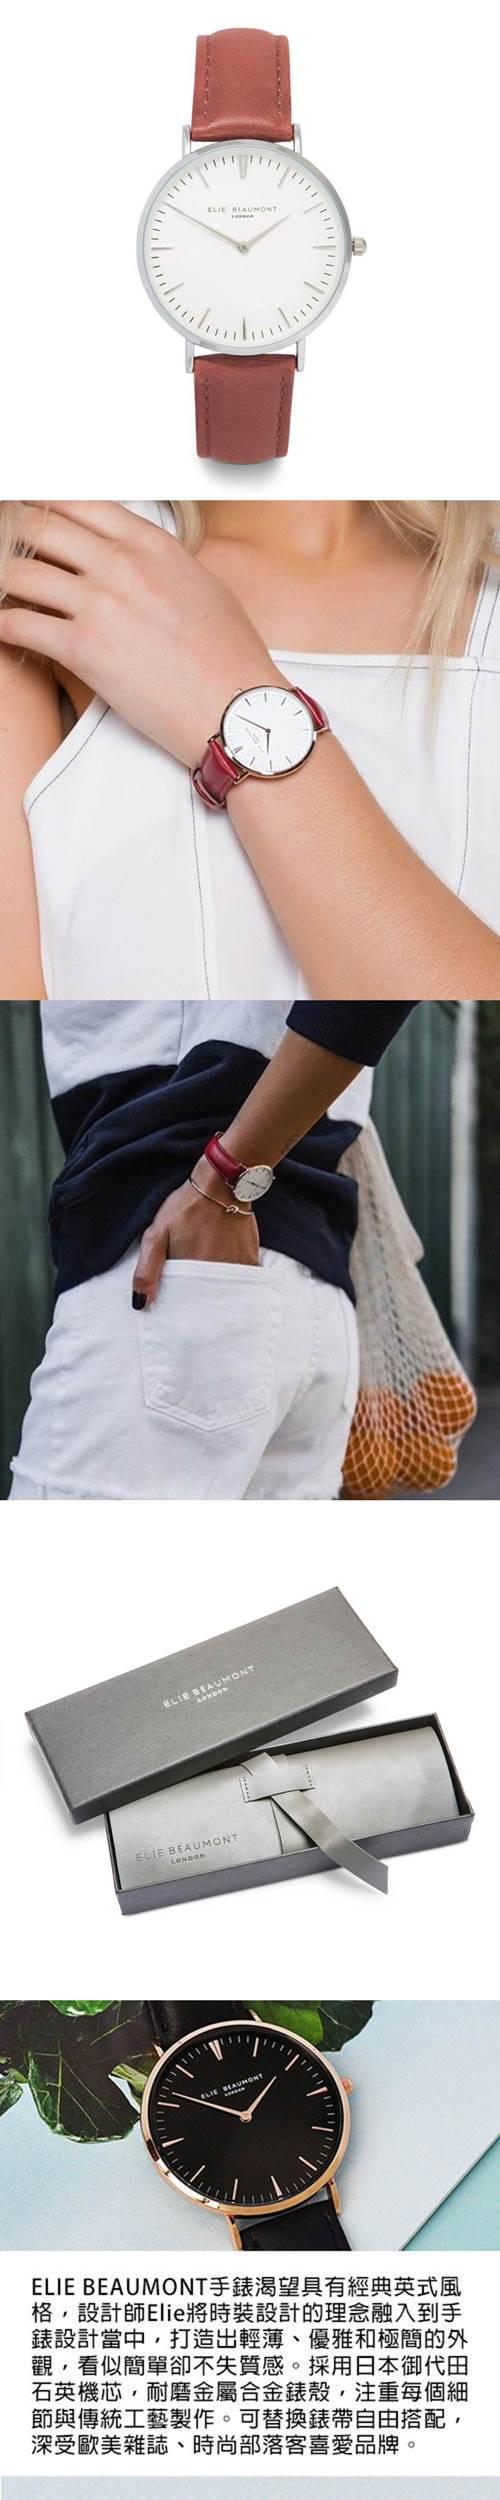 (複製)Elie Beaumont 英國時尚手錶 牛津系列 黑錶盤x棕色錶帶x玫瑰金錶框38mm